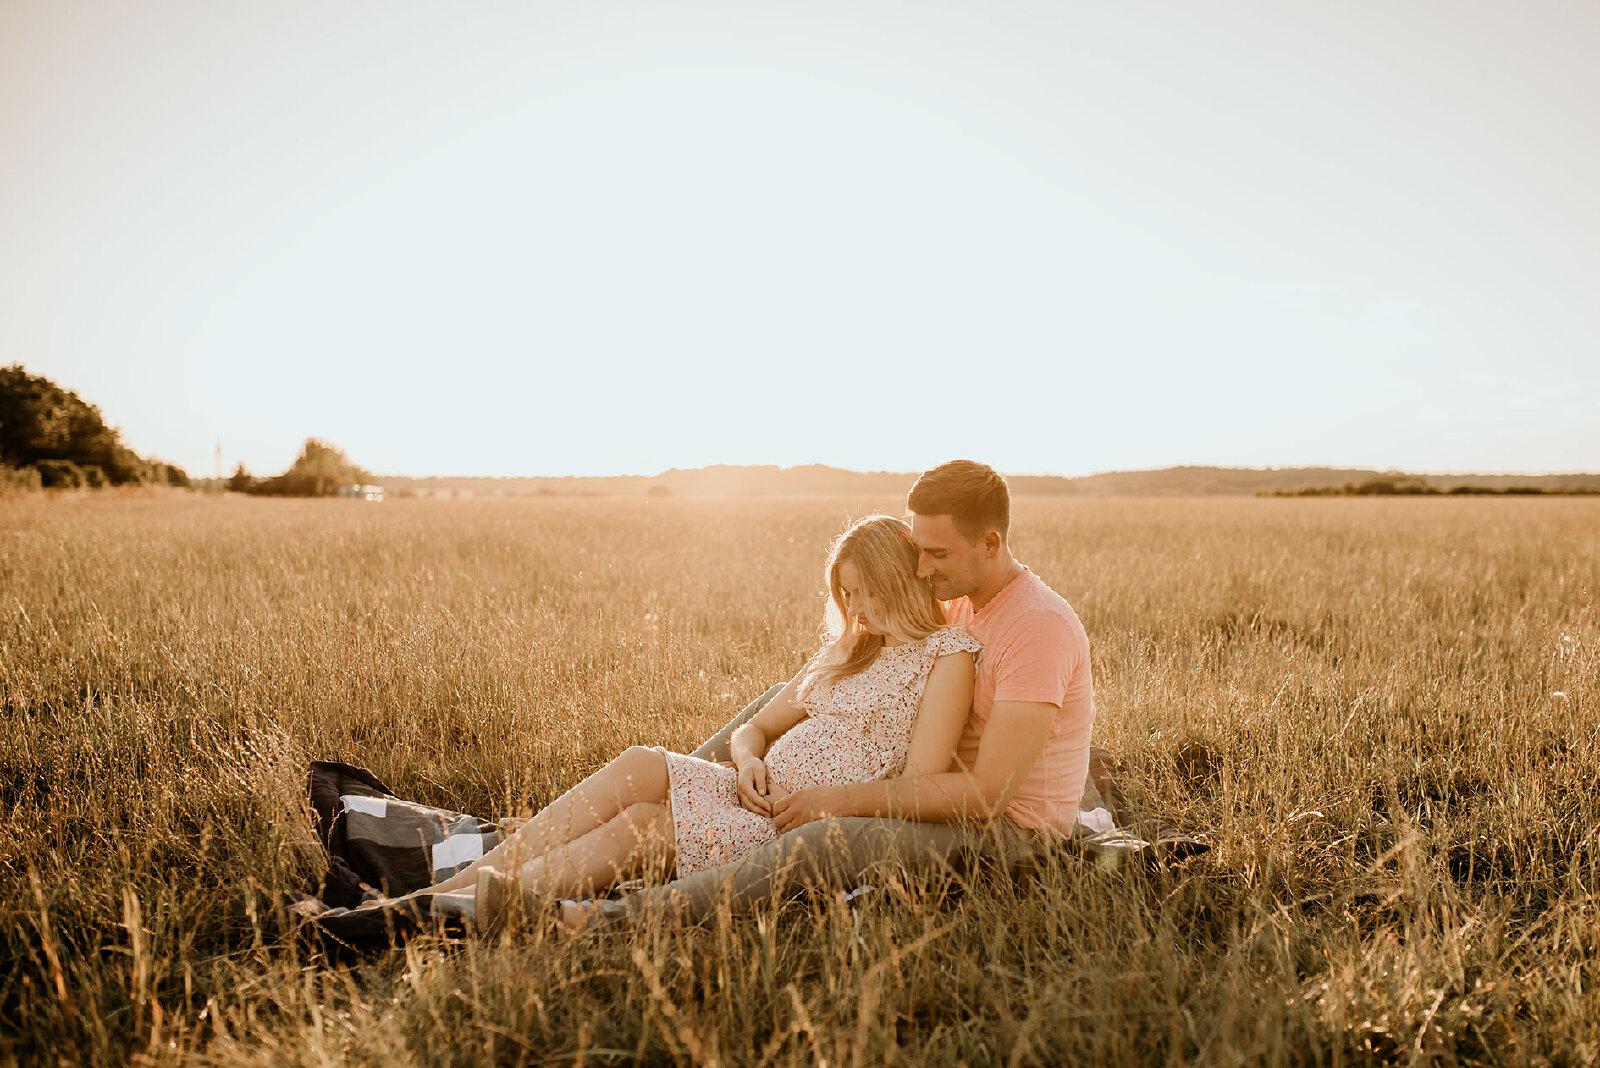 zwangerschap - shoot - zwanger - Anika.Photos - Enschede - Losser